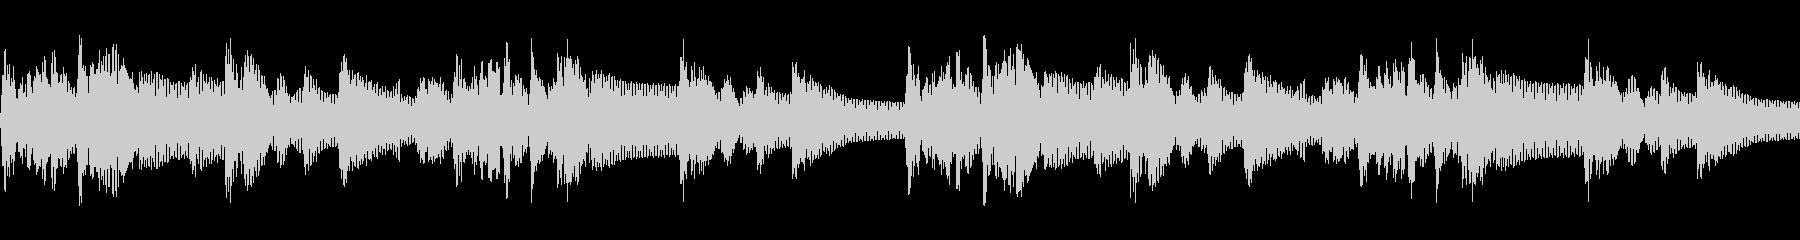 クイズ番組のシンキングタイムBGMの未再生の波形